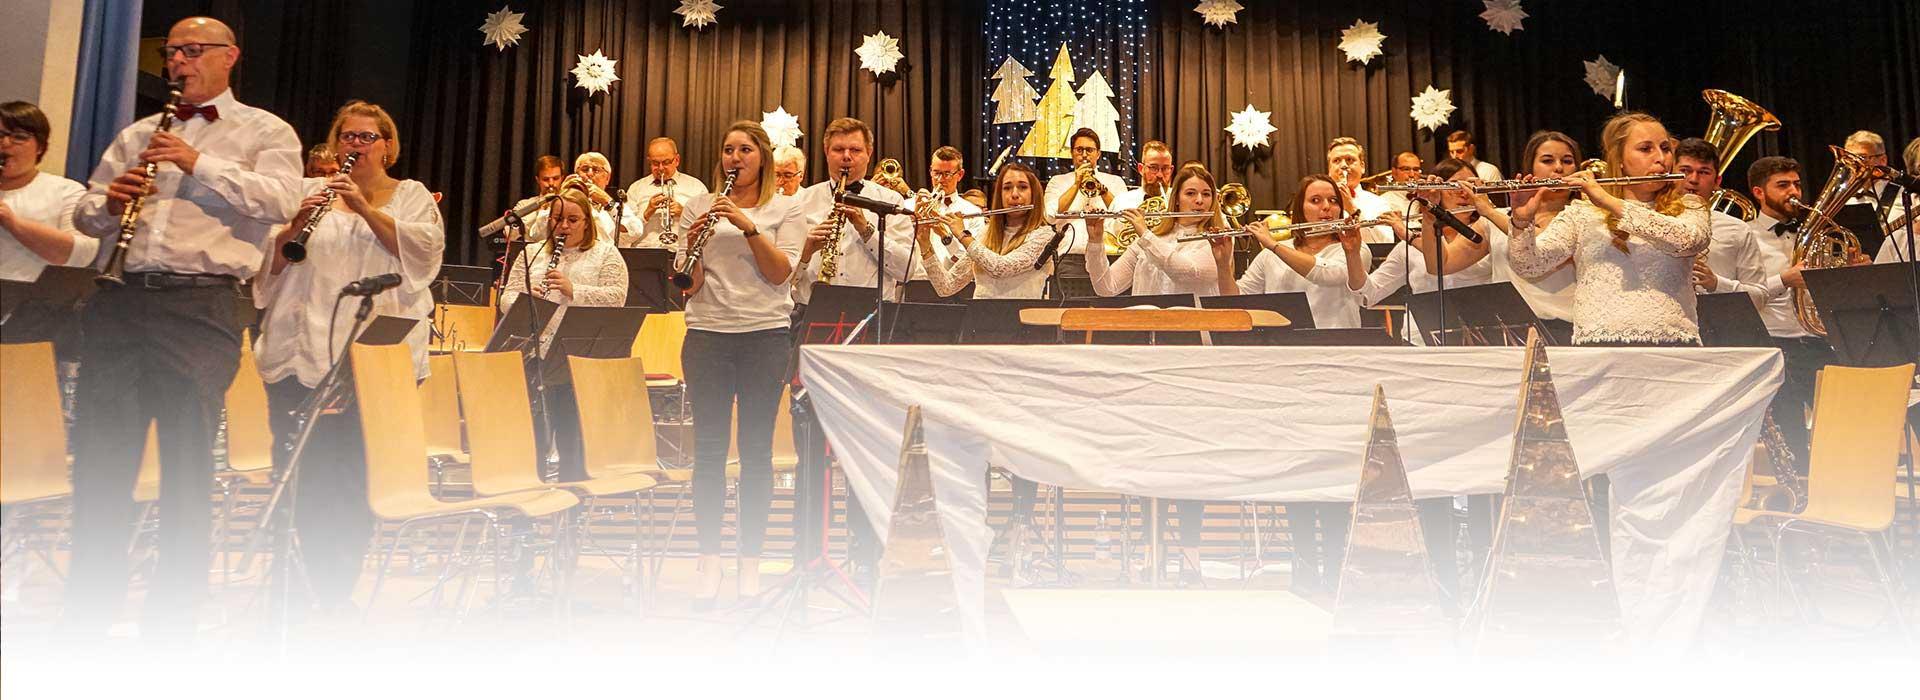 Blasorchester Berghaupten beim Jahreskonzert 2019